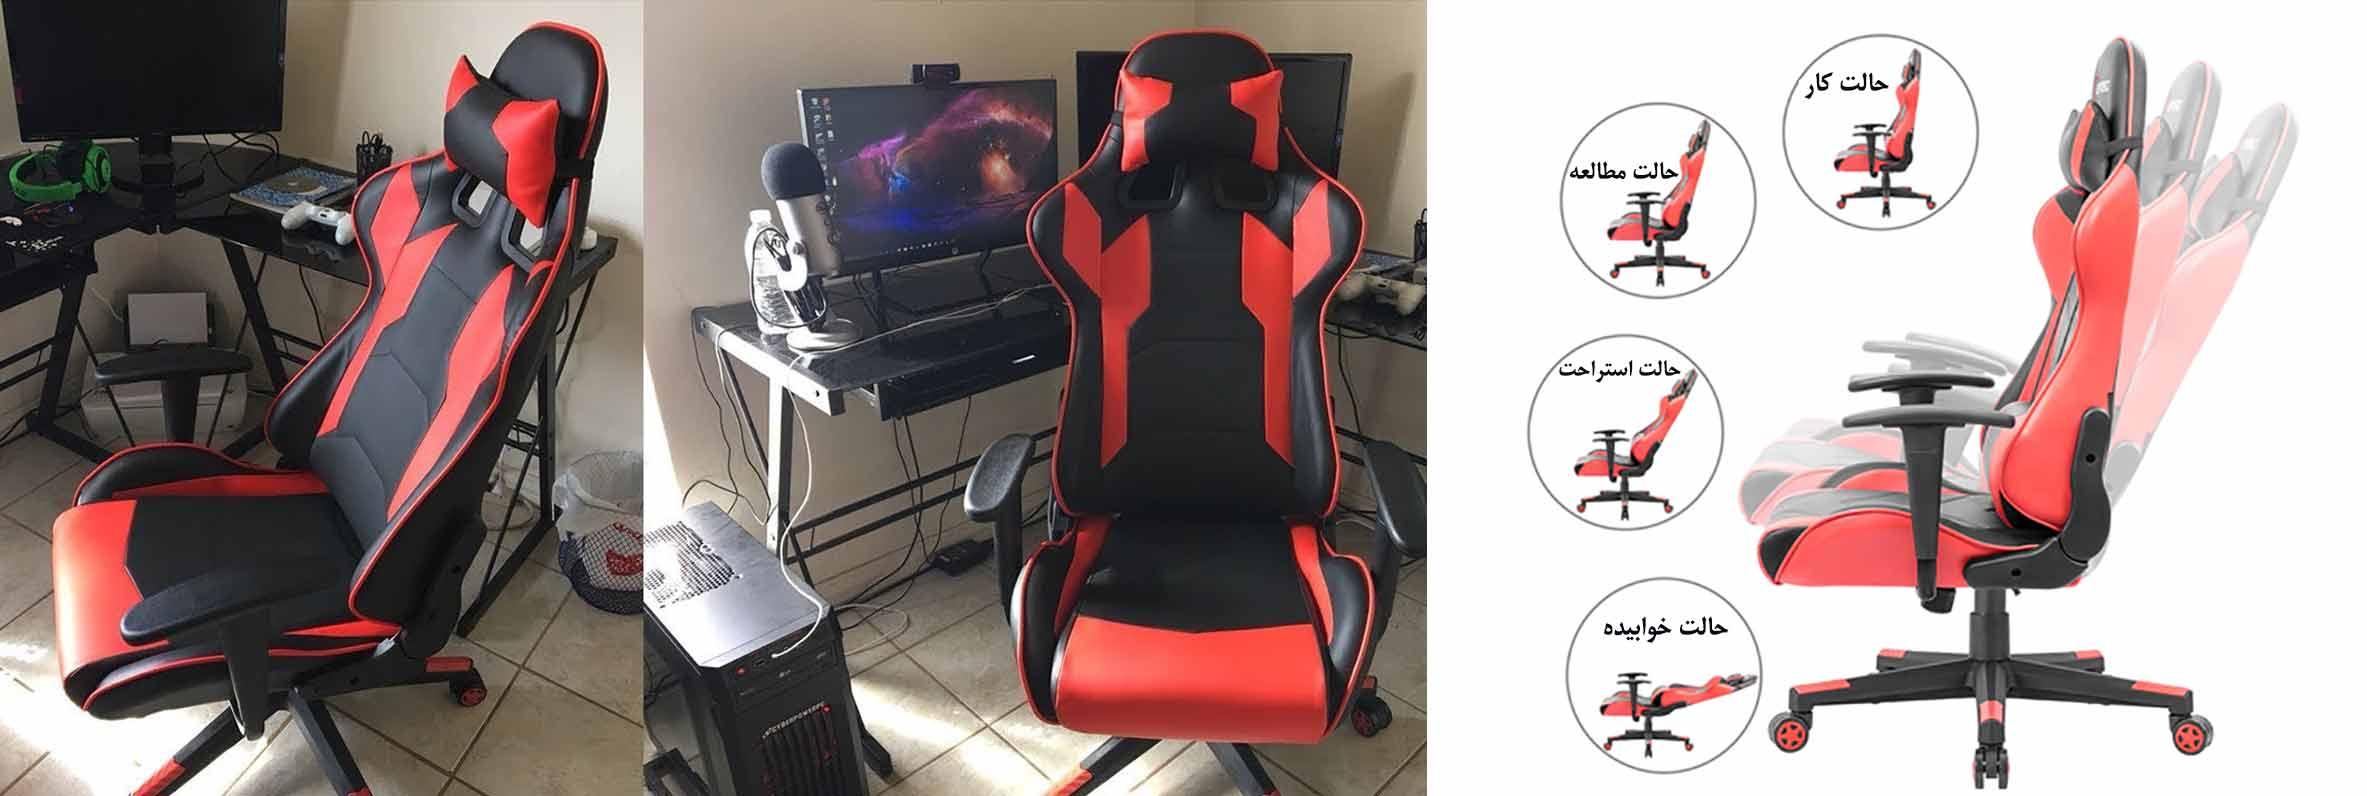 تغییر-اندازه-و-قابلیت-تنظیم-صندلی-بازی-گیمینگ-gaming-chair-size-ergonomi